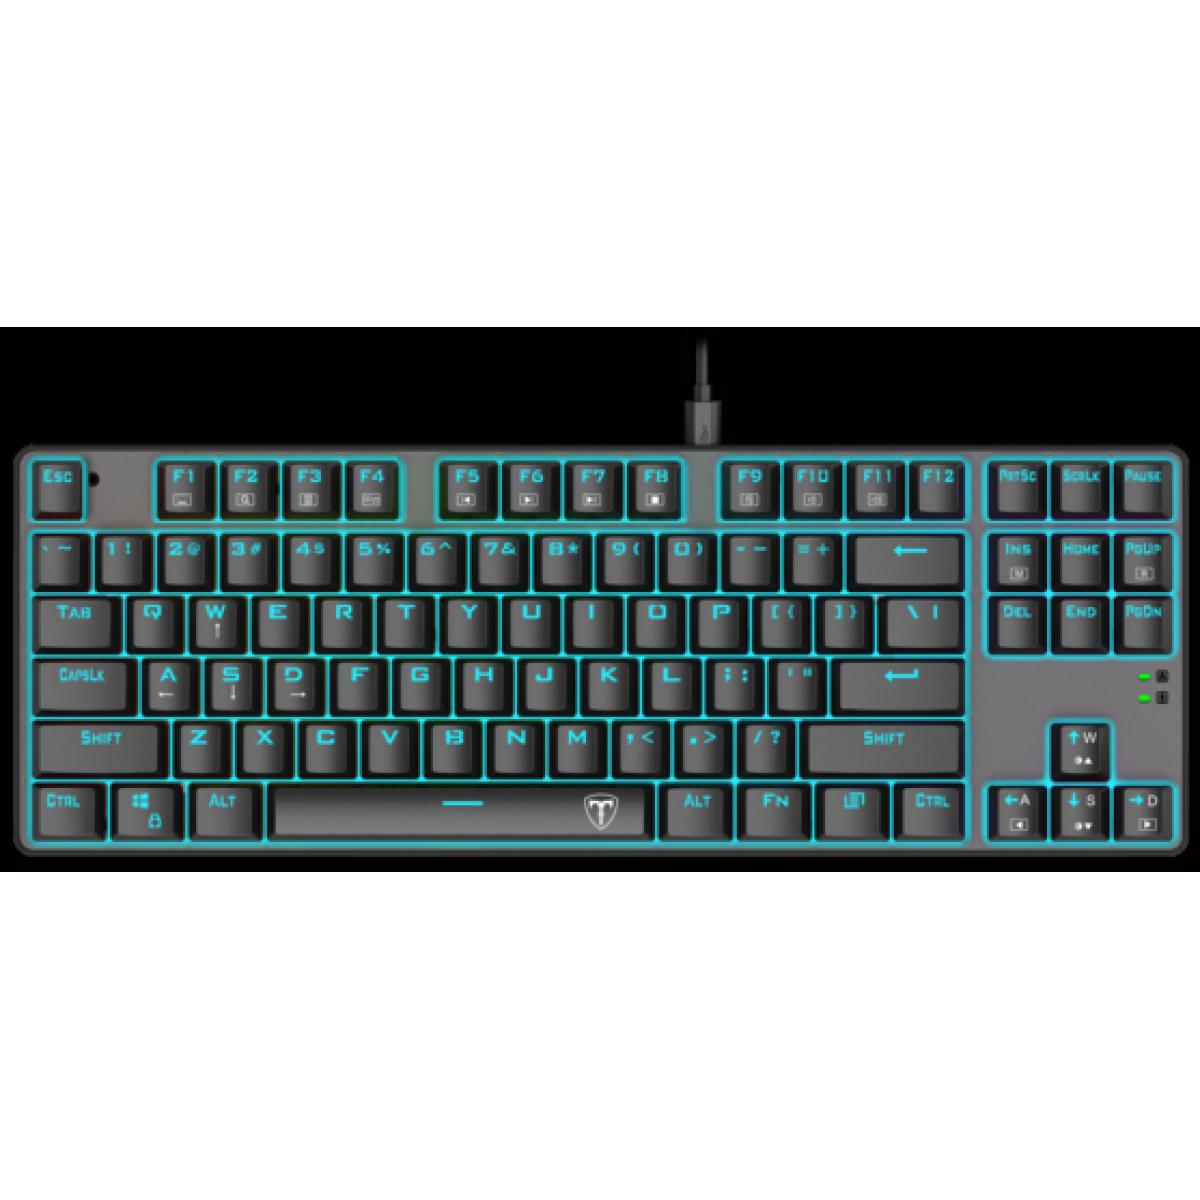 Teclado Gamer Mecânico T-Dagger Bora, Switch Outemu Blue, ABNT2, T-TGK313-BL - Open Box